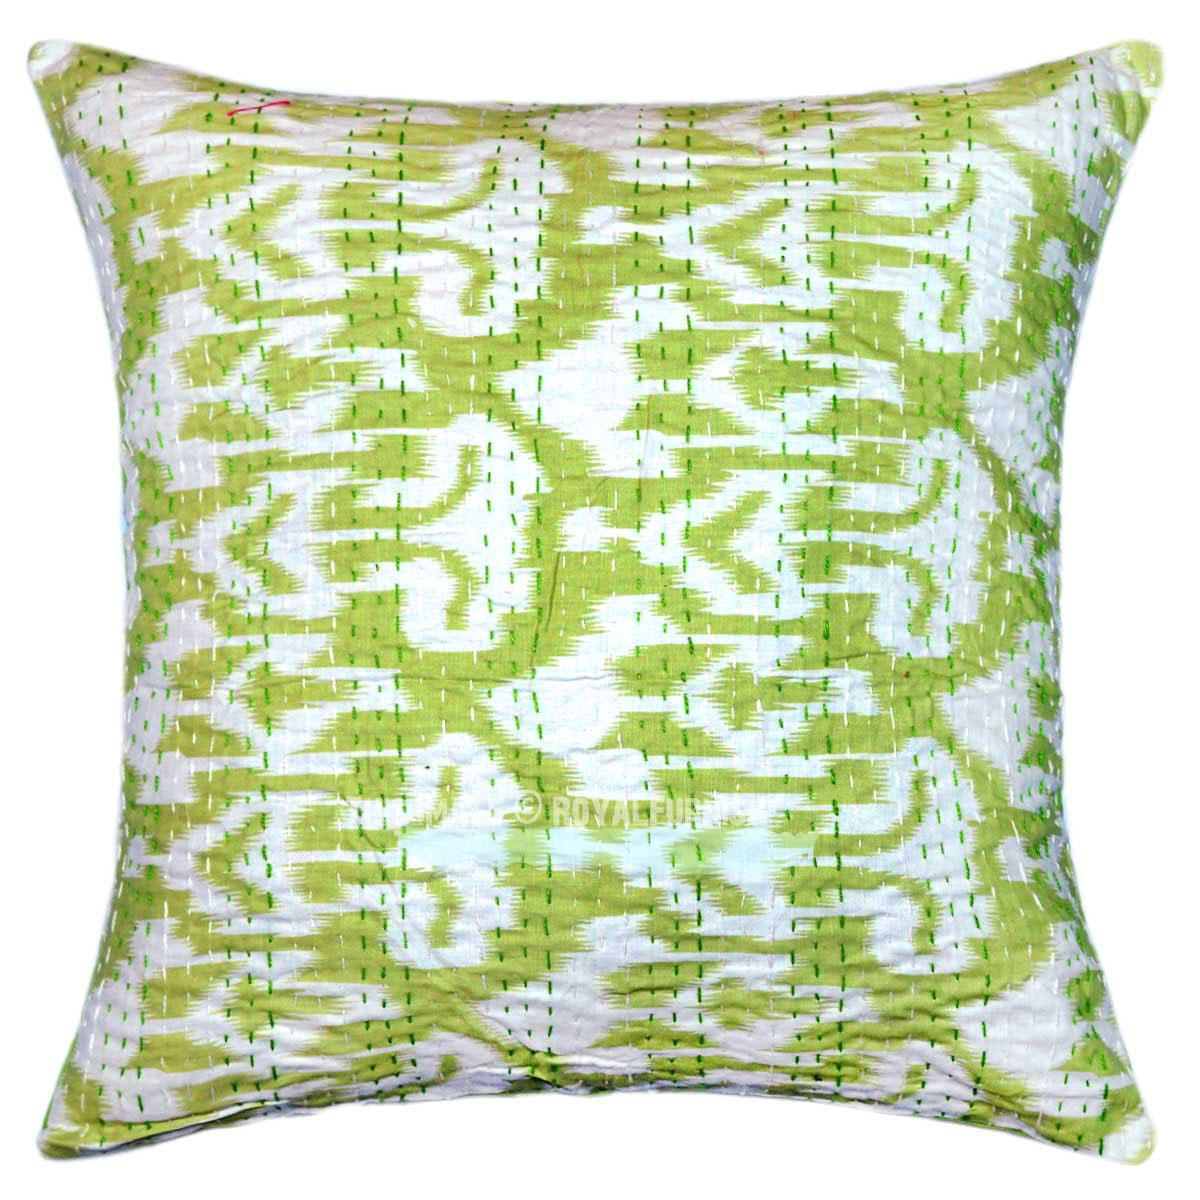 Ikat Design Throw Pillows : 16